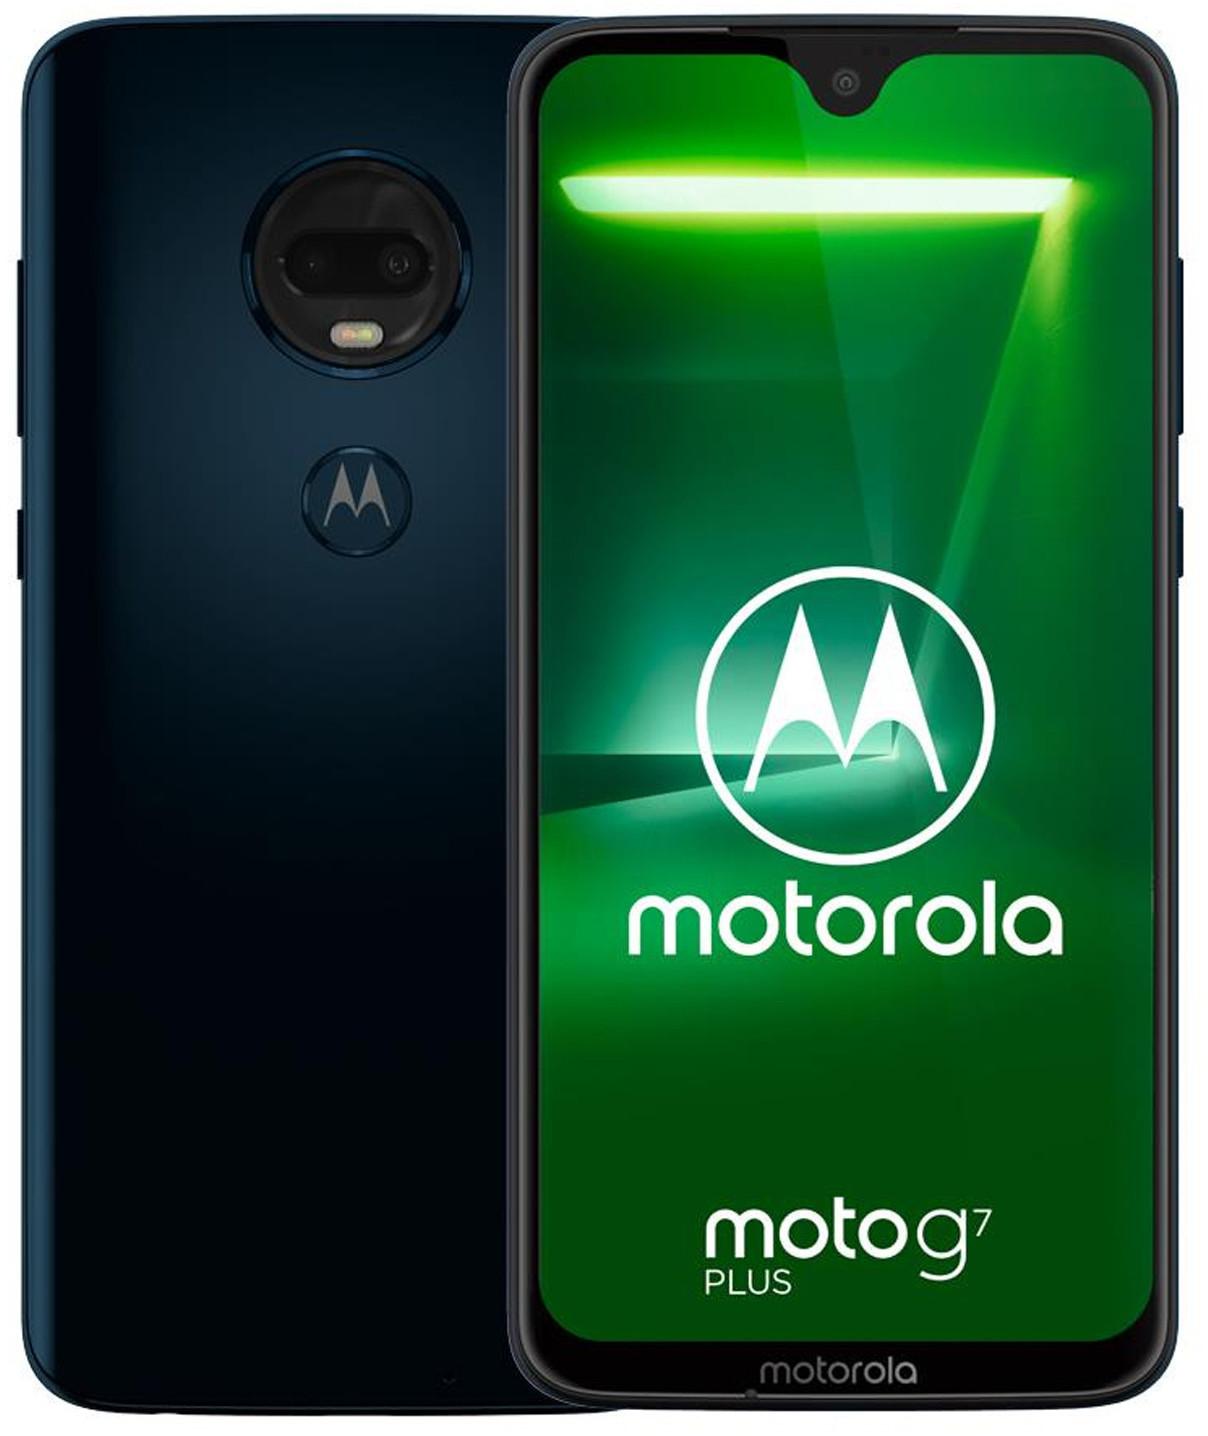 Image of Motorola Moto G7 Plus